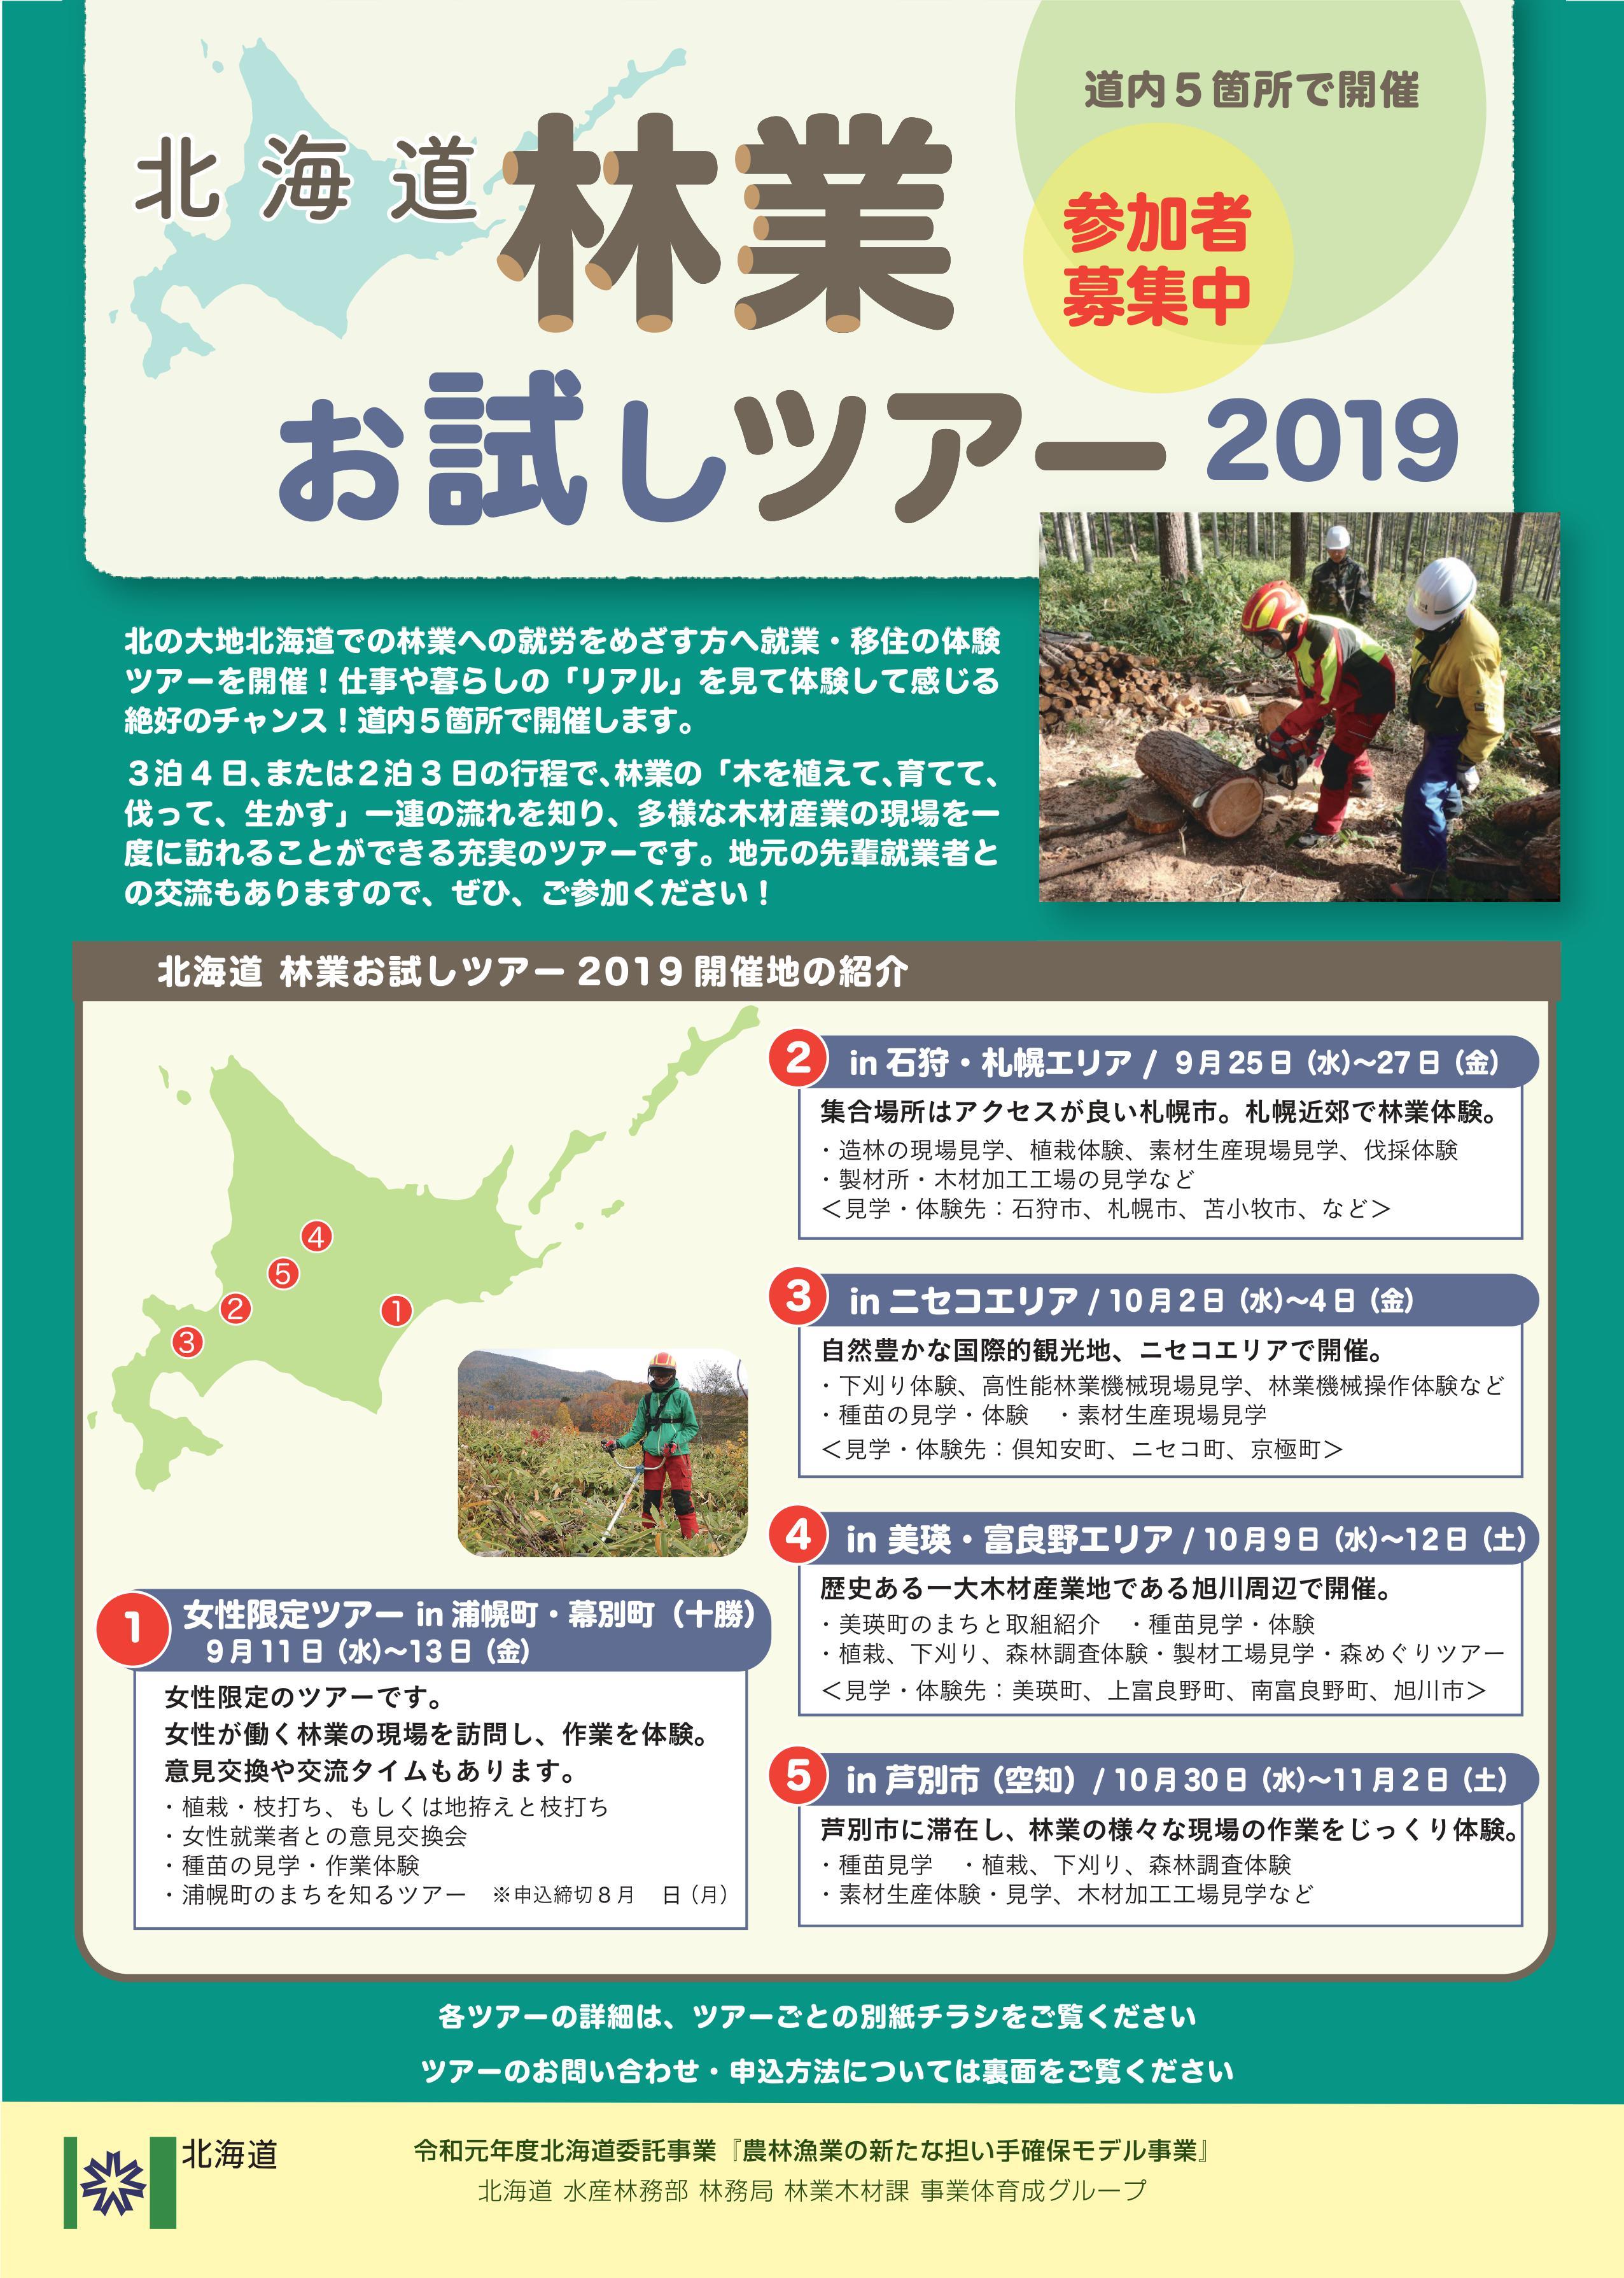 北海道林業お試しツアー2019画像.jpg